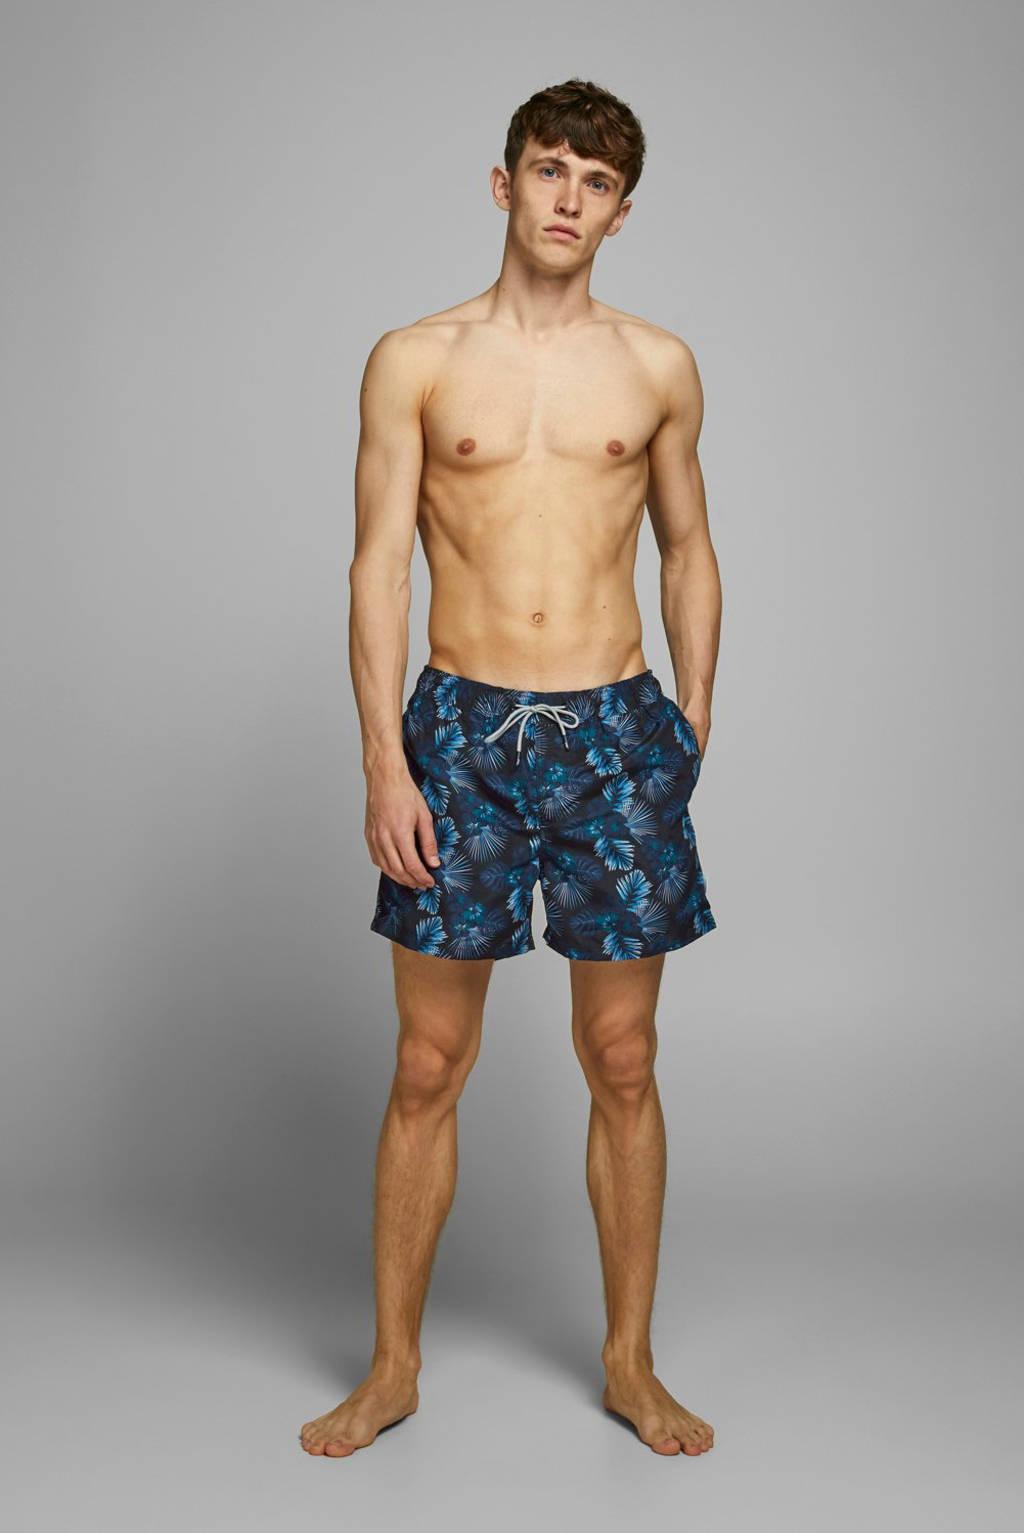 JACK & JONES JEANS INTELLIGENCE zwemshort Aruba met all over print zwart/blauw, Zwart/blauw